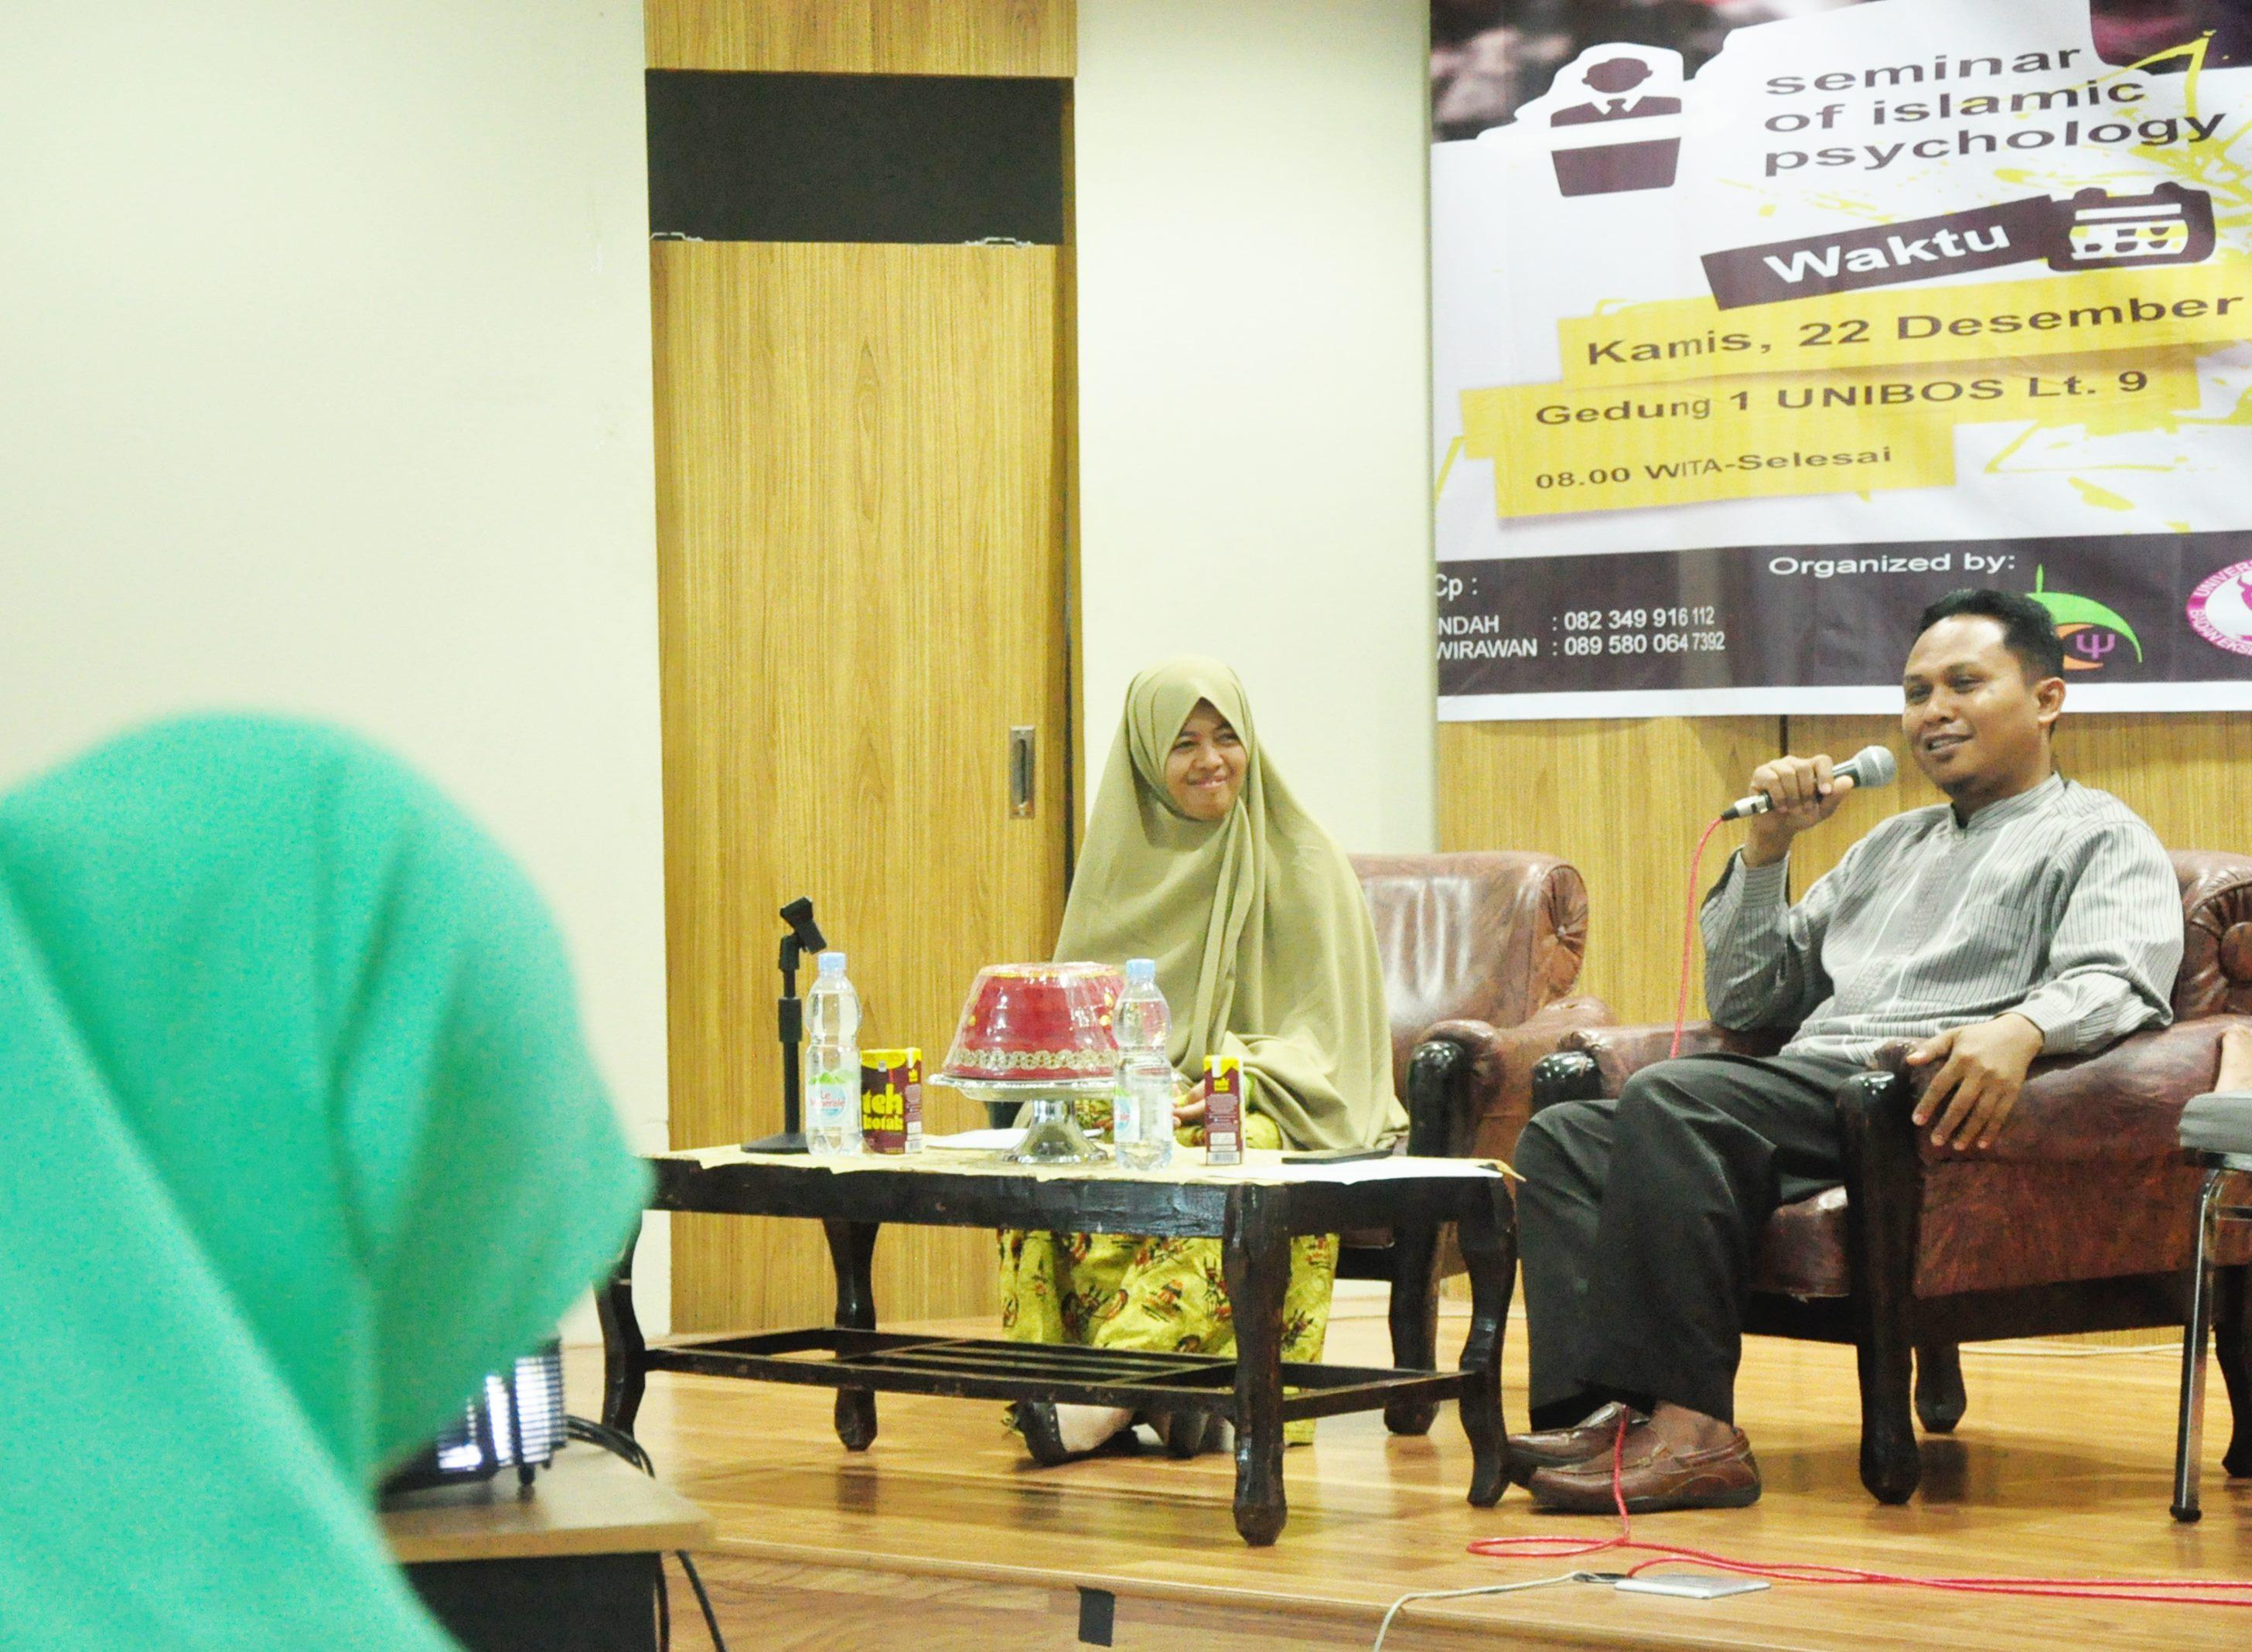 MAHASISWA PSIKOLOGI UNIBOS MENGENAL SEJARAH PSIKOLOGI ISLAM